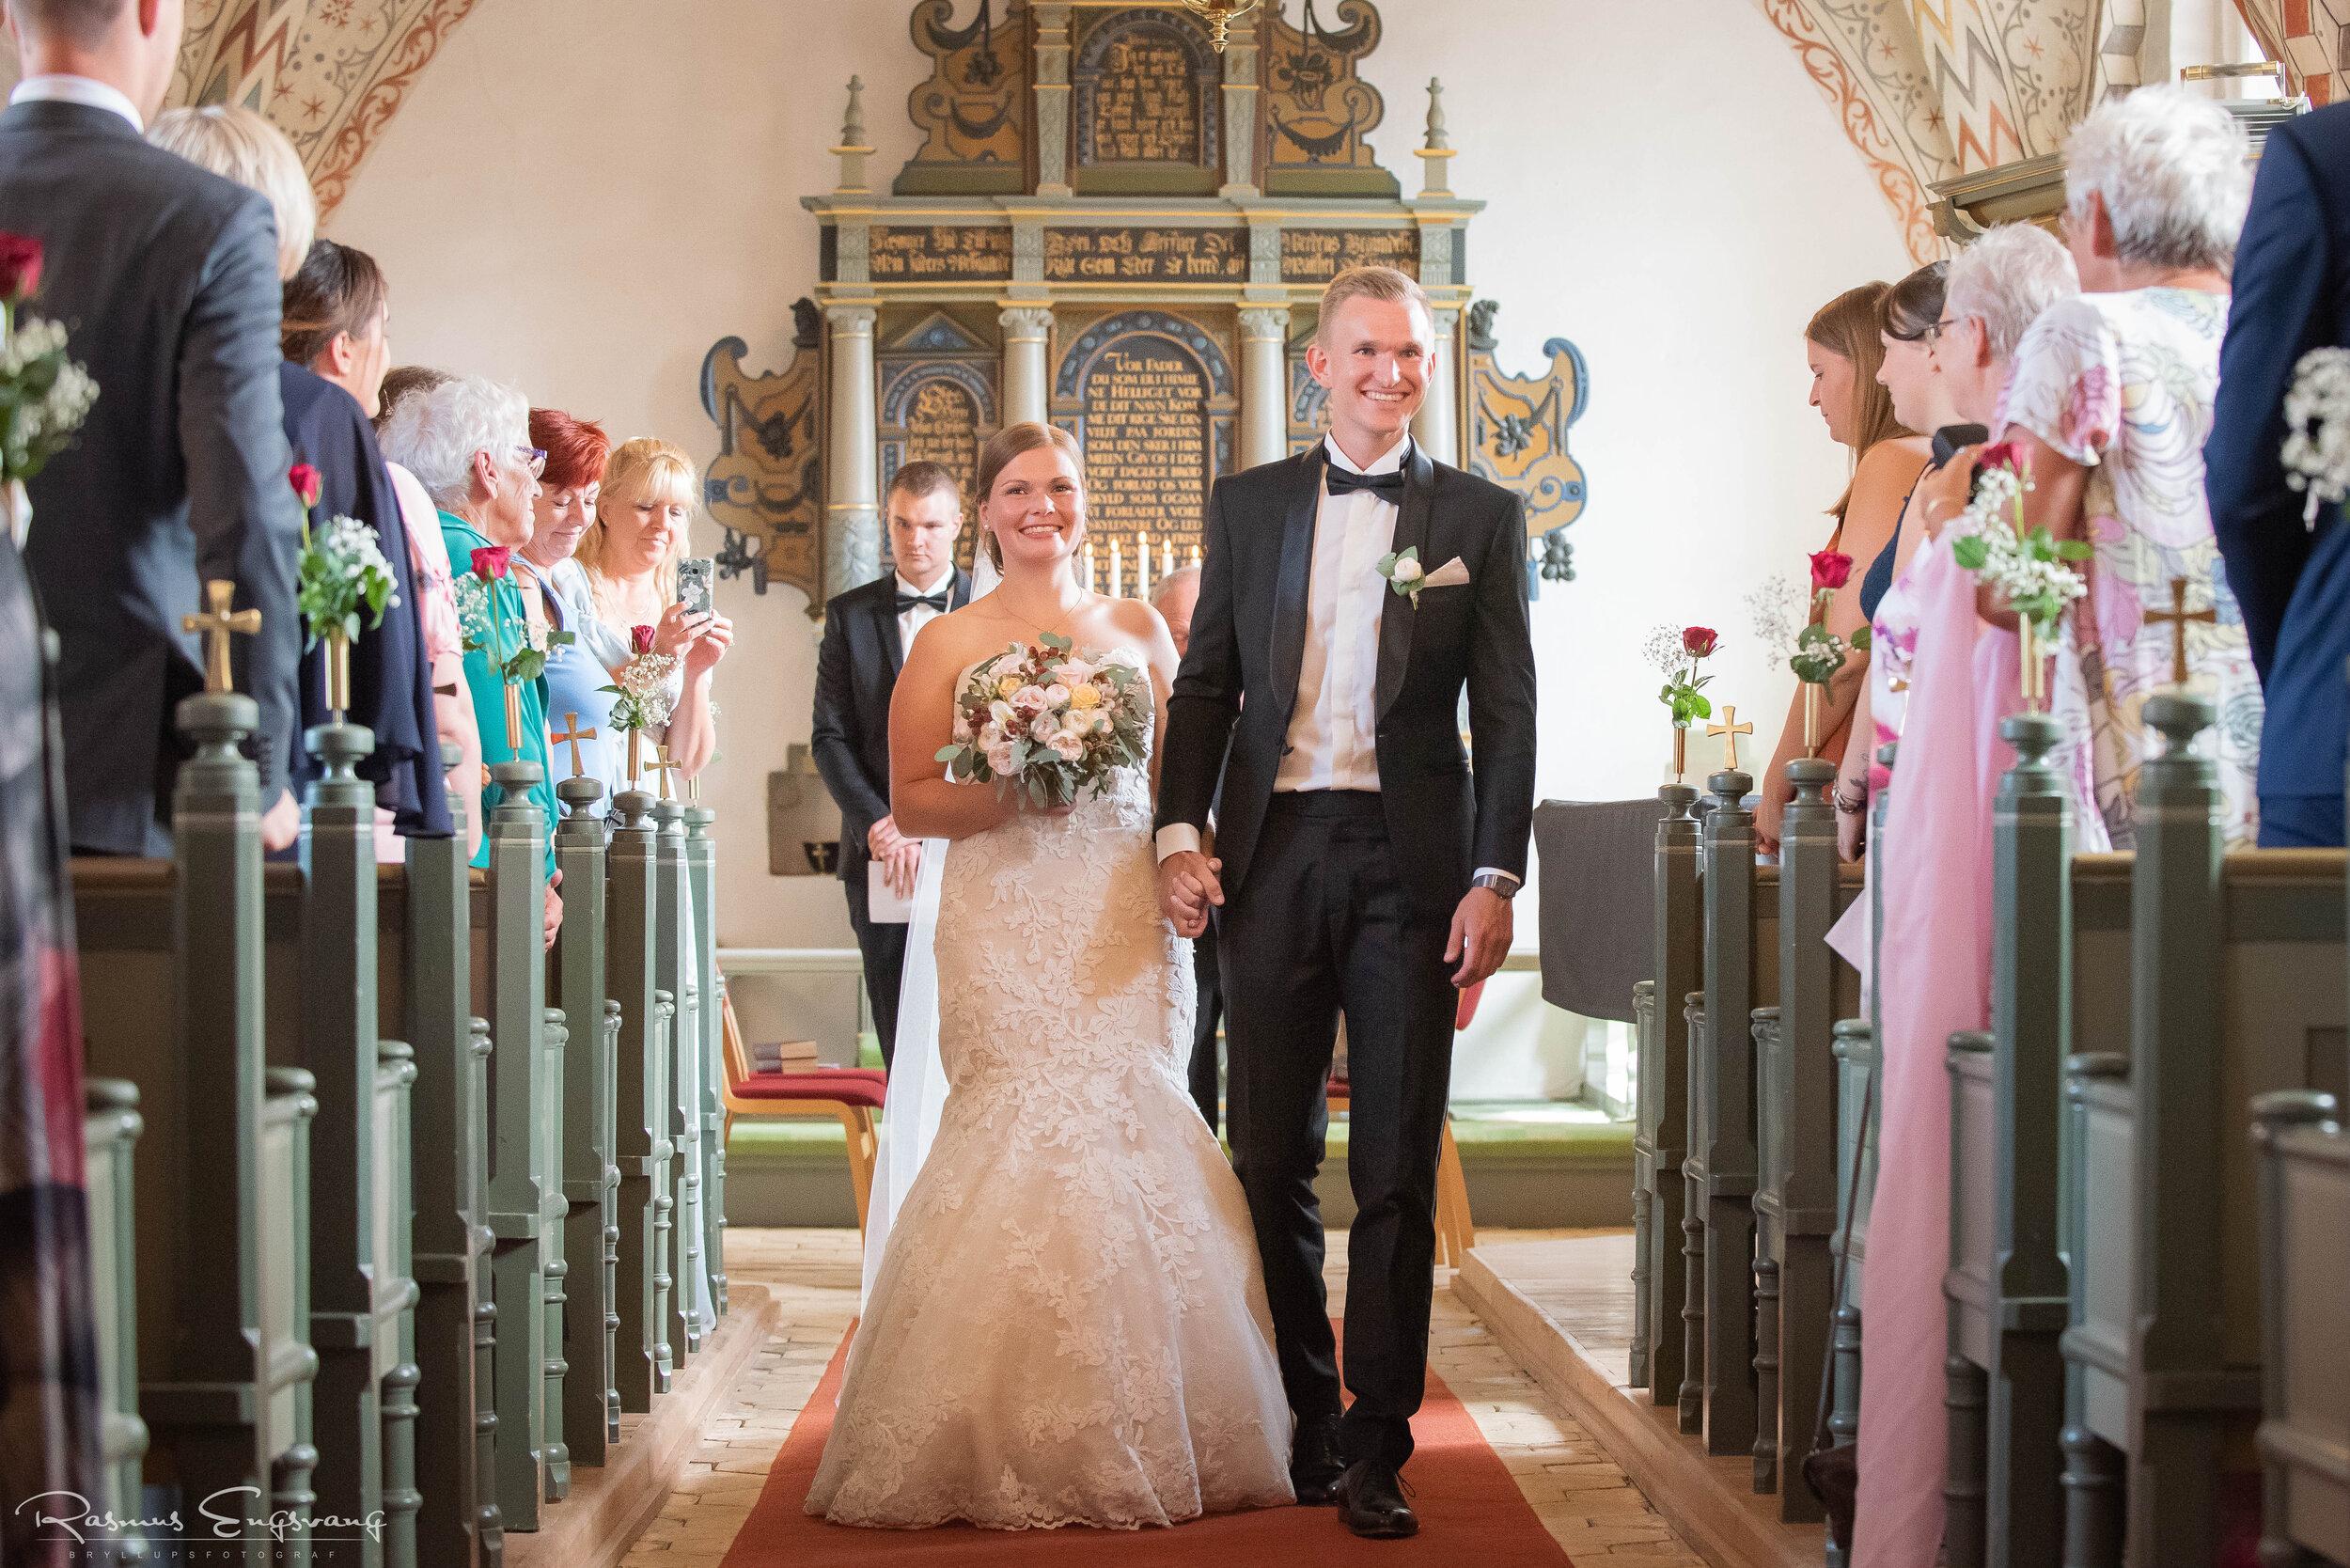 Bryllupsfotograf_Sjælland_Humleorehus_Vigersted-112.jpg